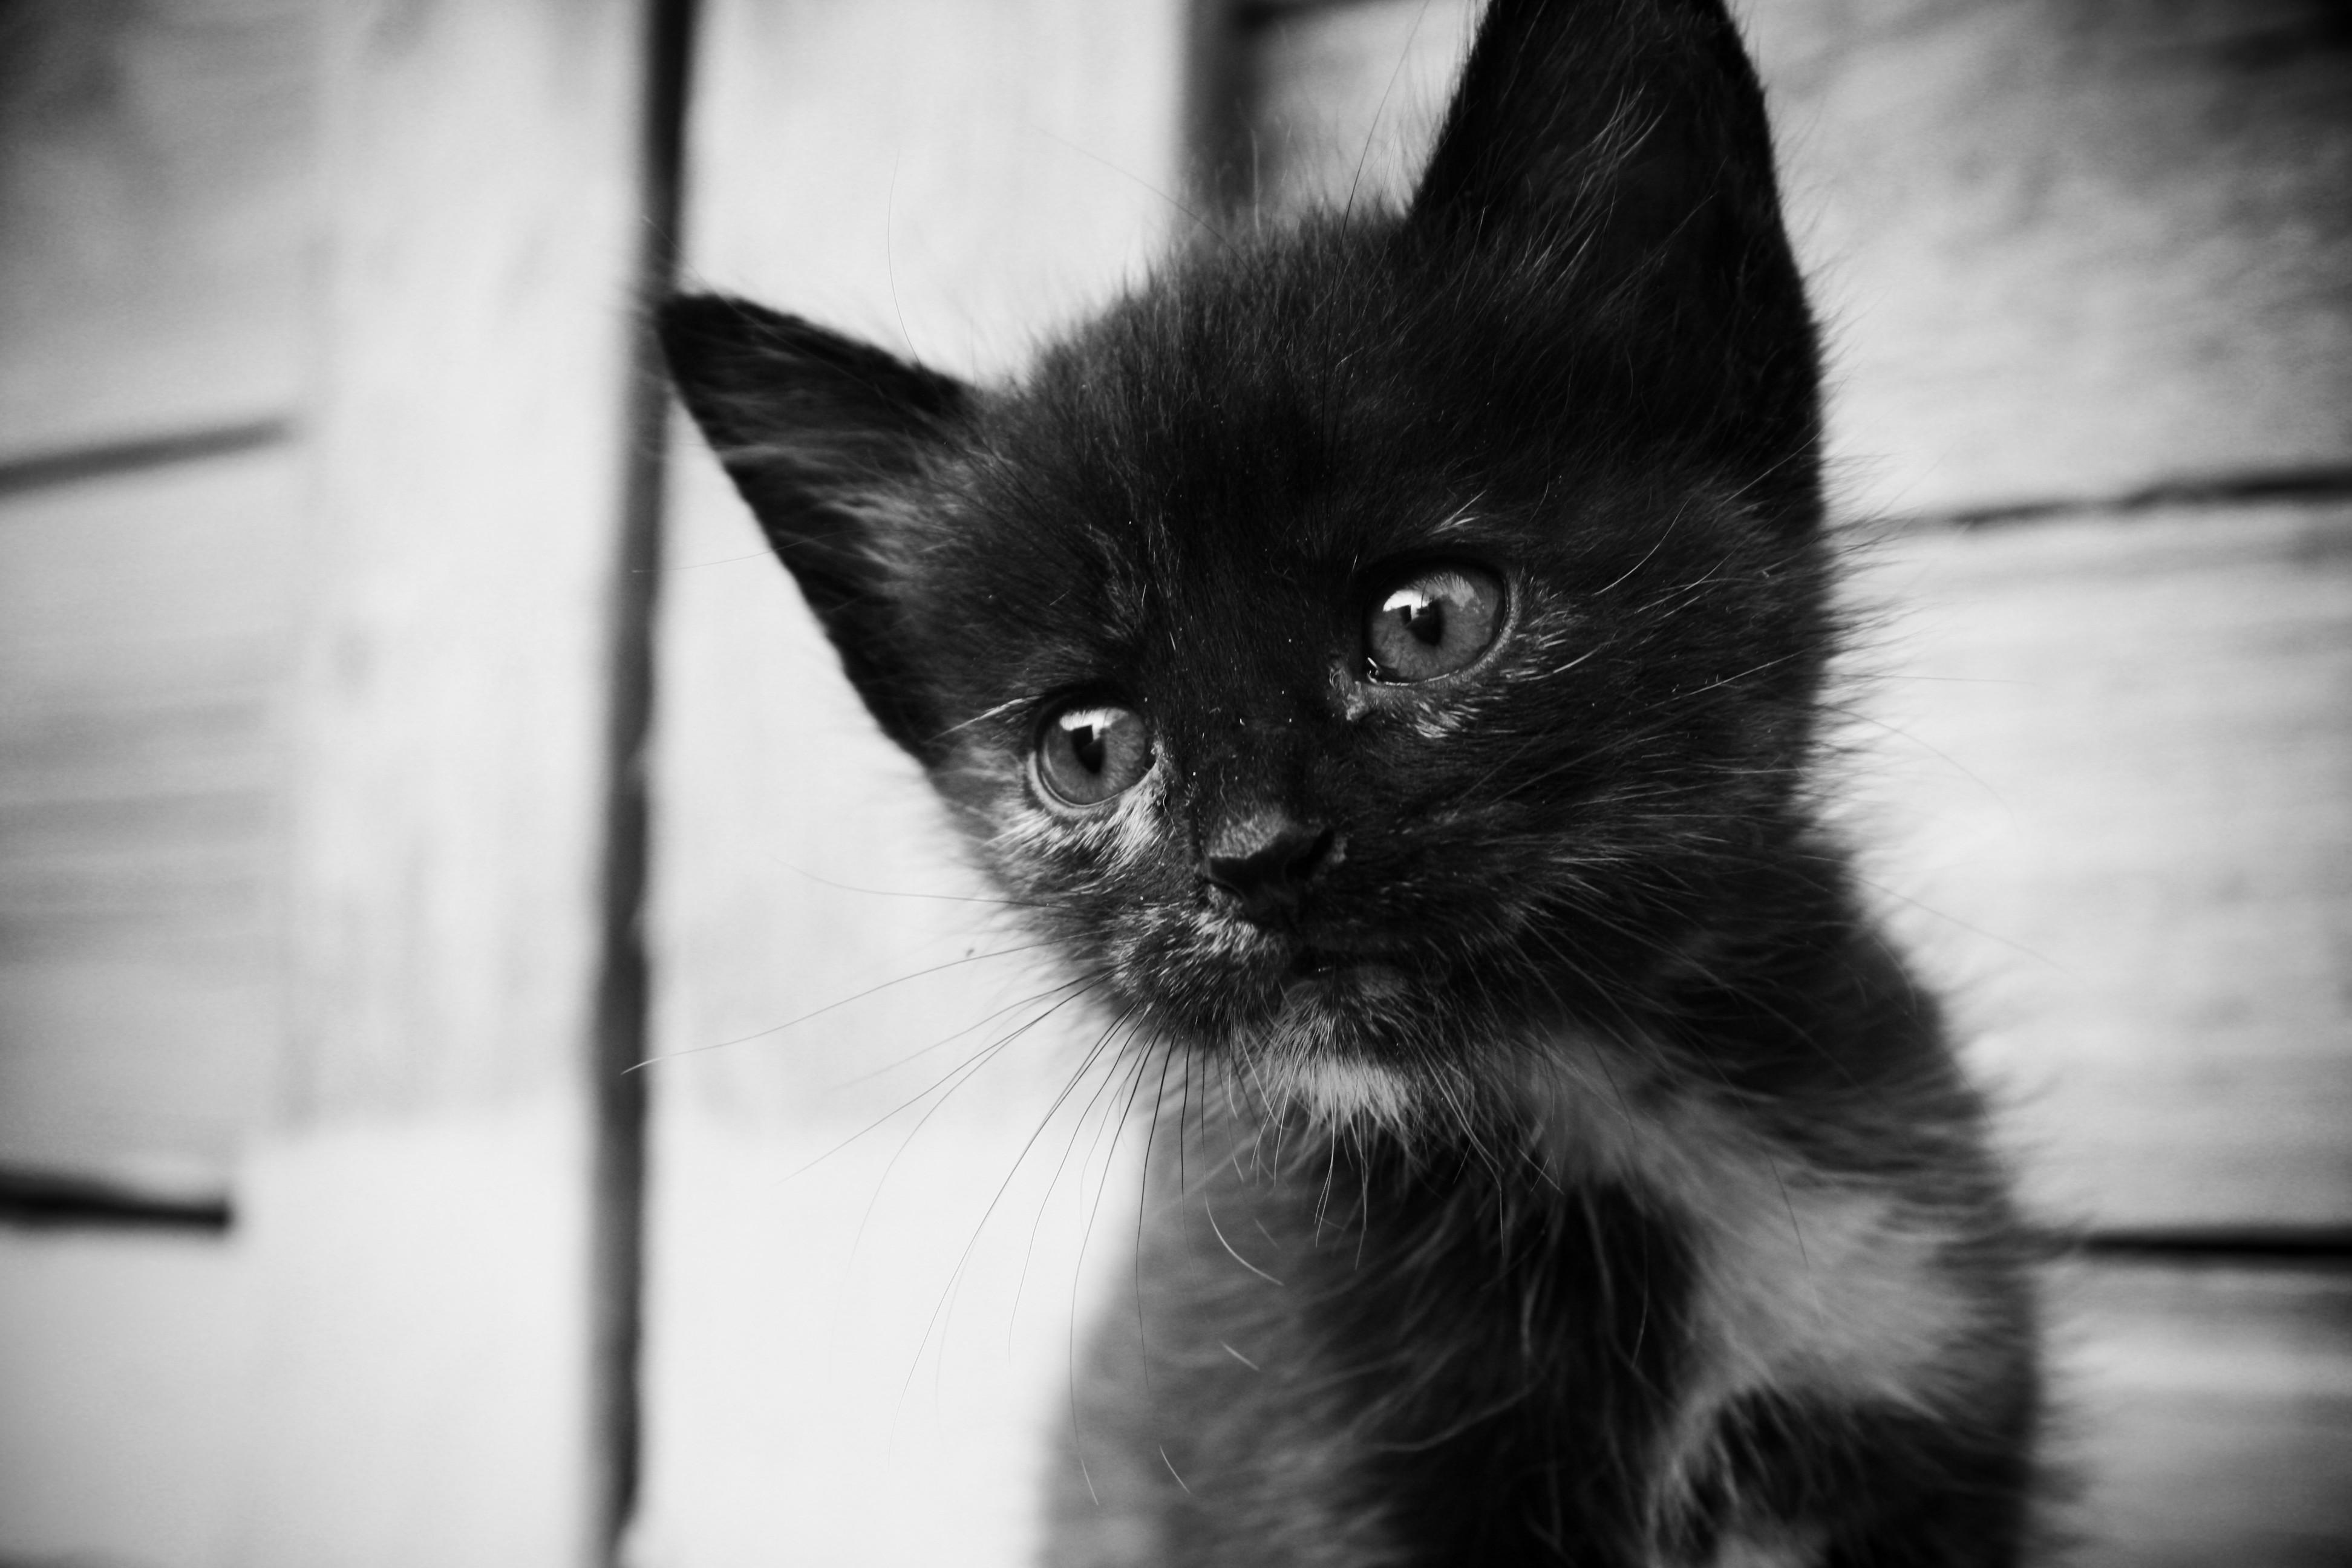 Lonely Cat Black